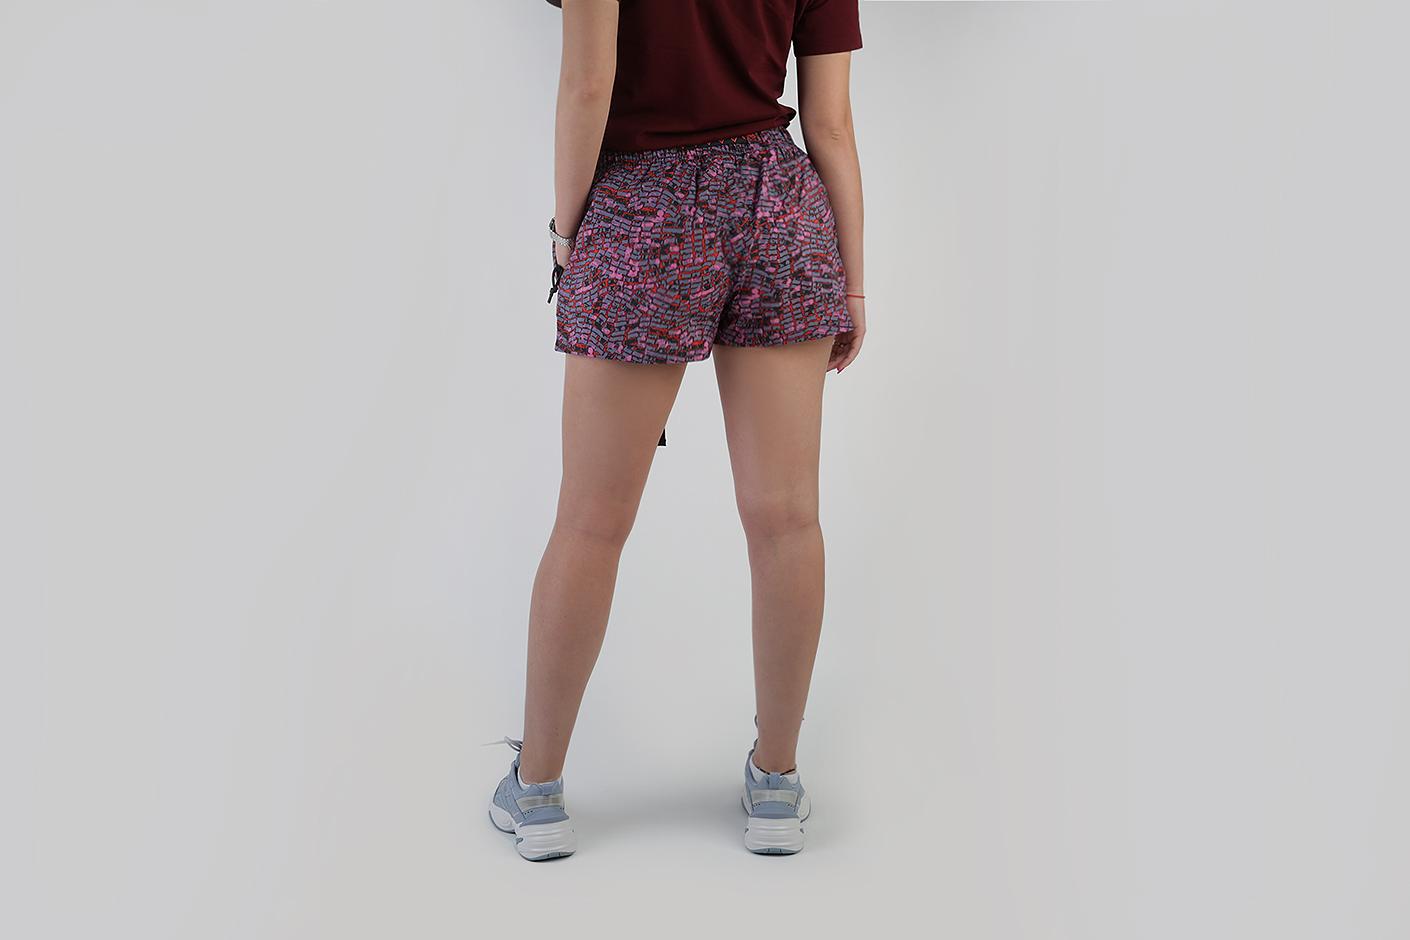 5ad08239 Женская одежда Nike (Найк) размера XS - купить по цене от 2490 рублей в  интернет магазине Sneakerhead